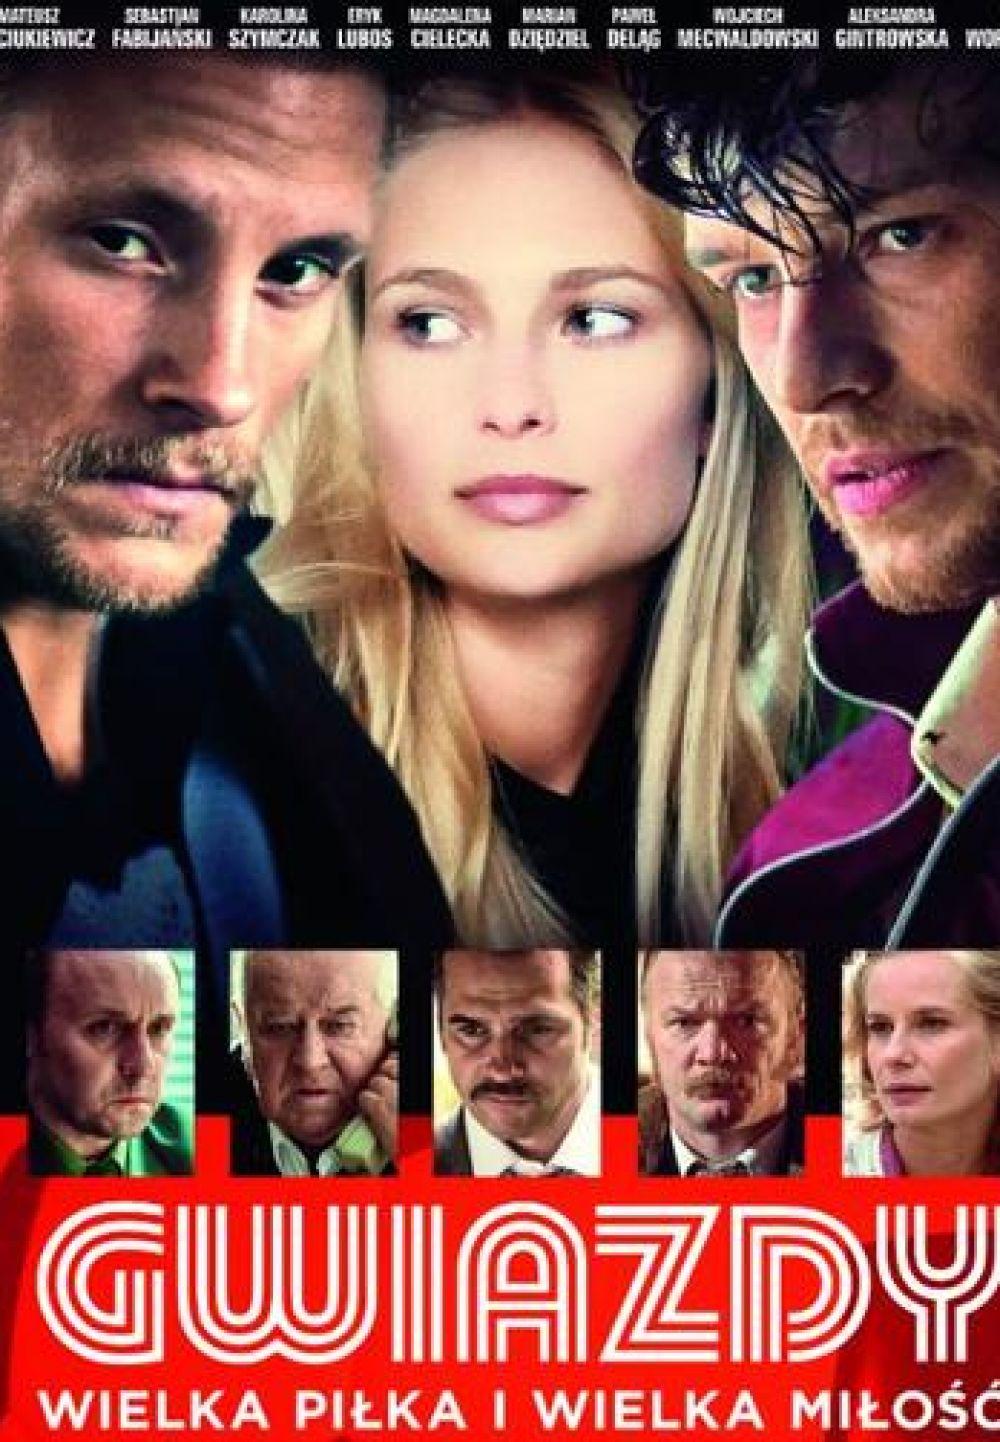 Gwiazdy (2017) [720p]  [Film polski]  (ONLINE)